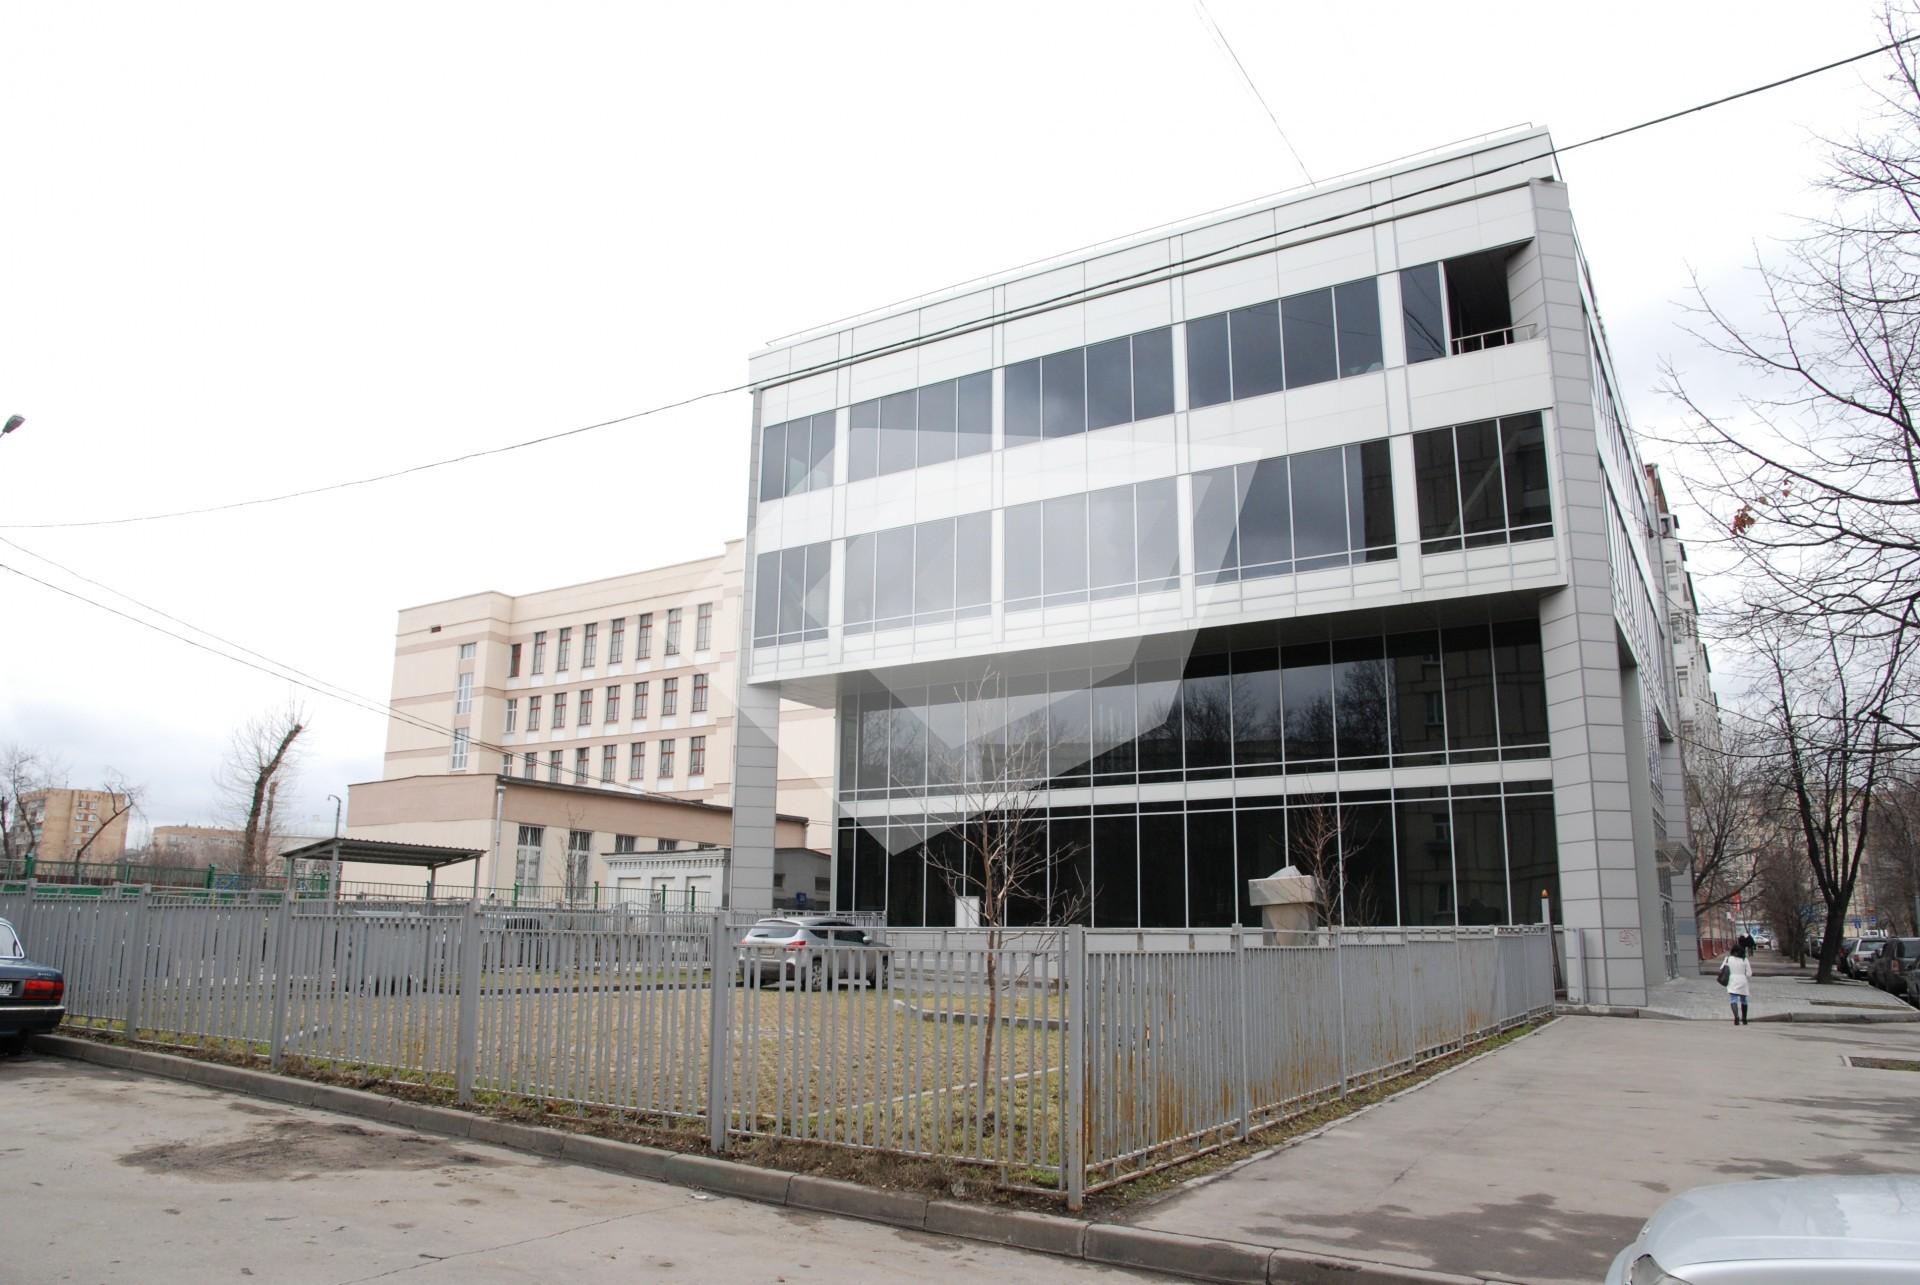 Помещение для фирмы Хамовнический Вал улица коломна - недвижимость коммерческая